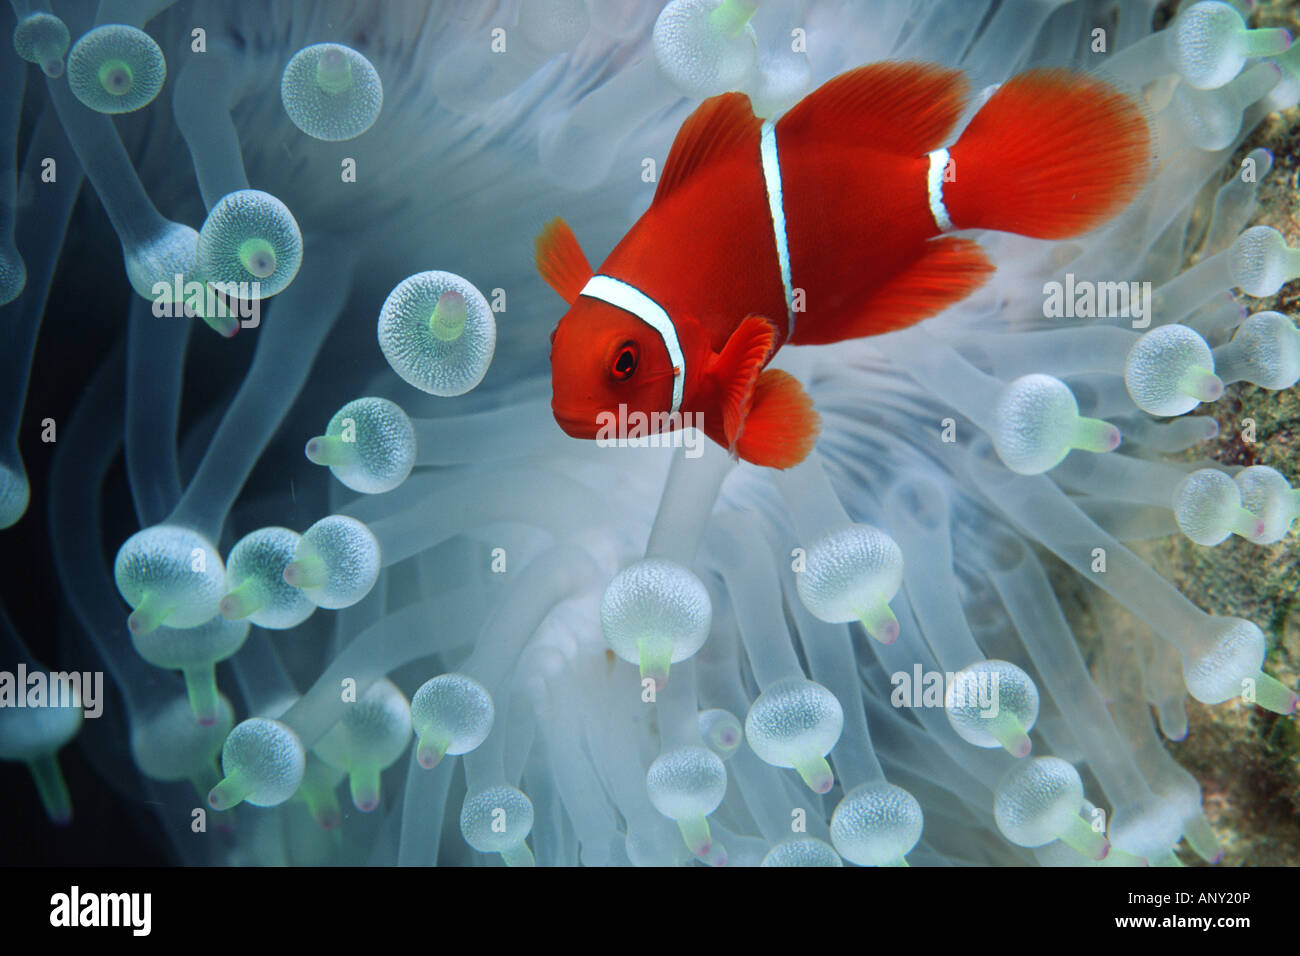 Spine cheek anemonefish Premnas biaculeatus - Stock Image